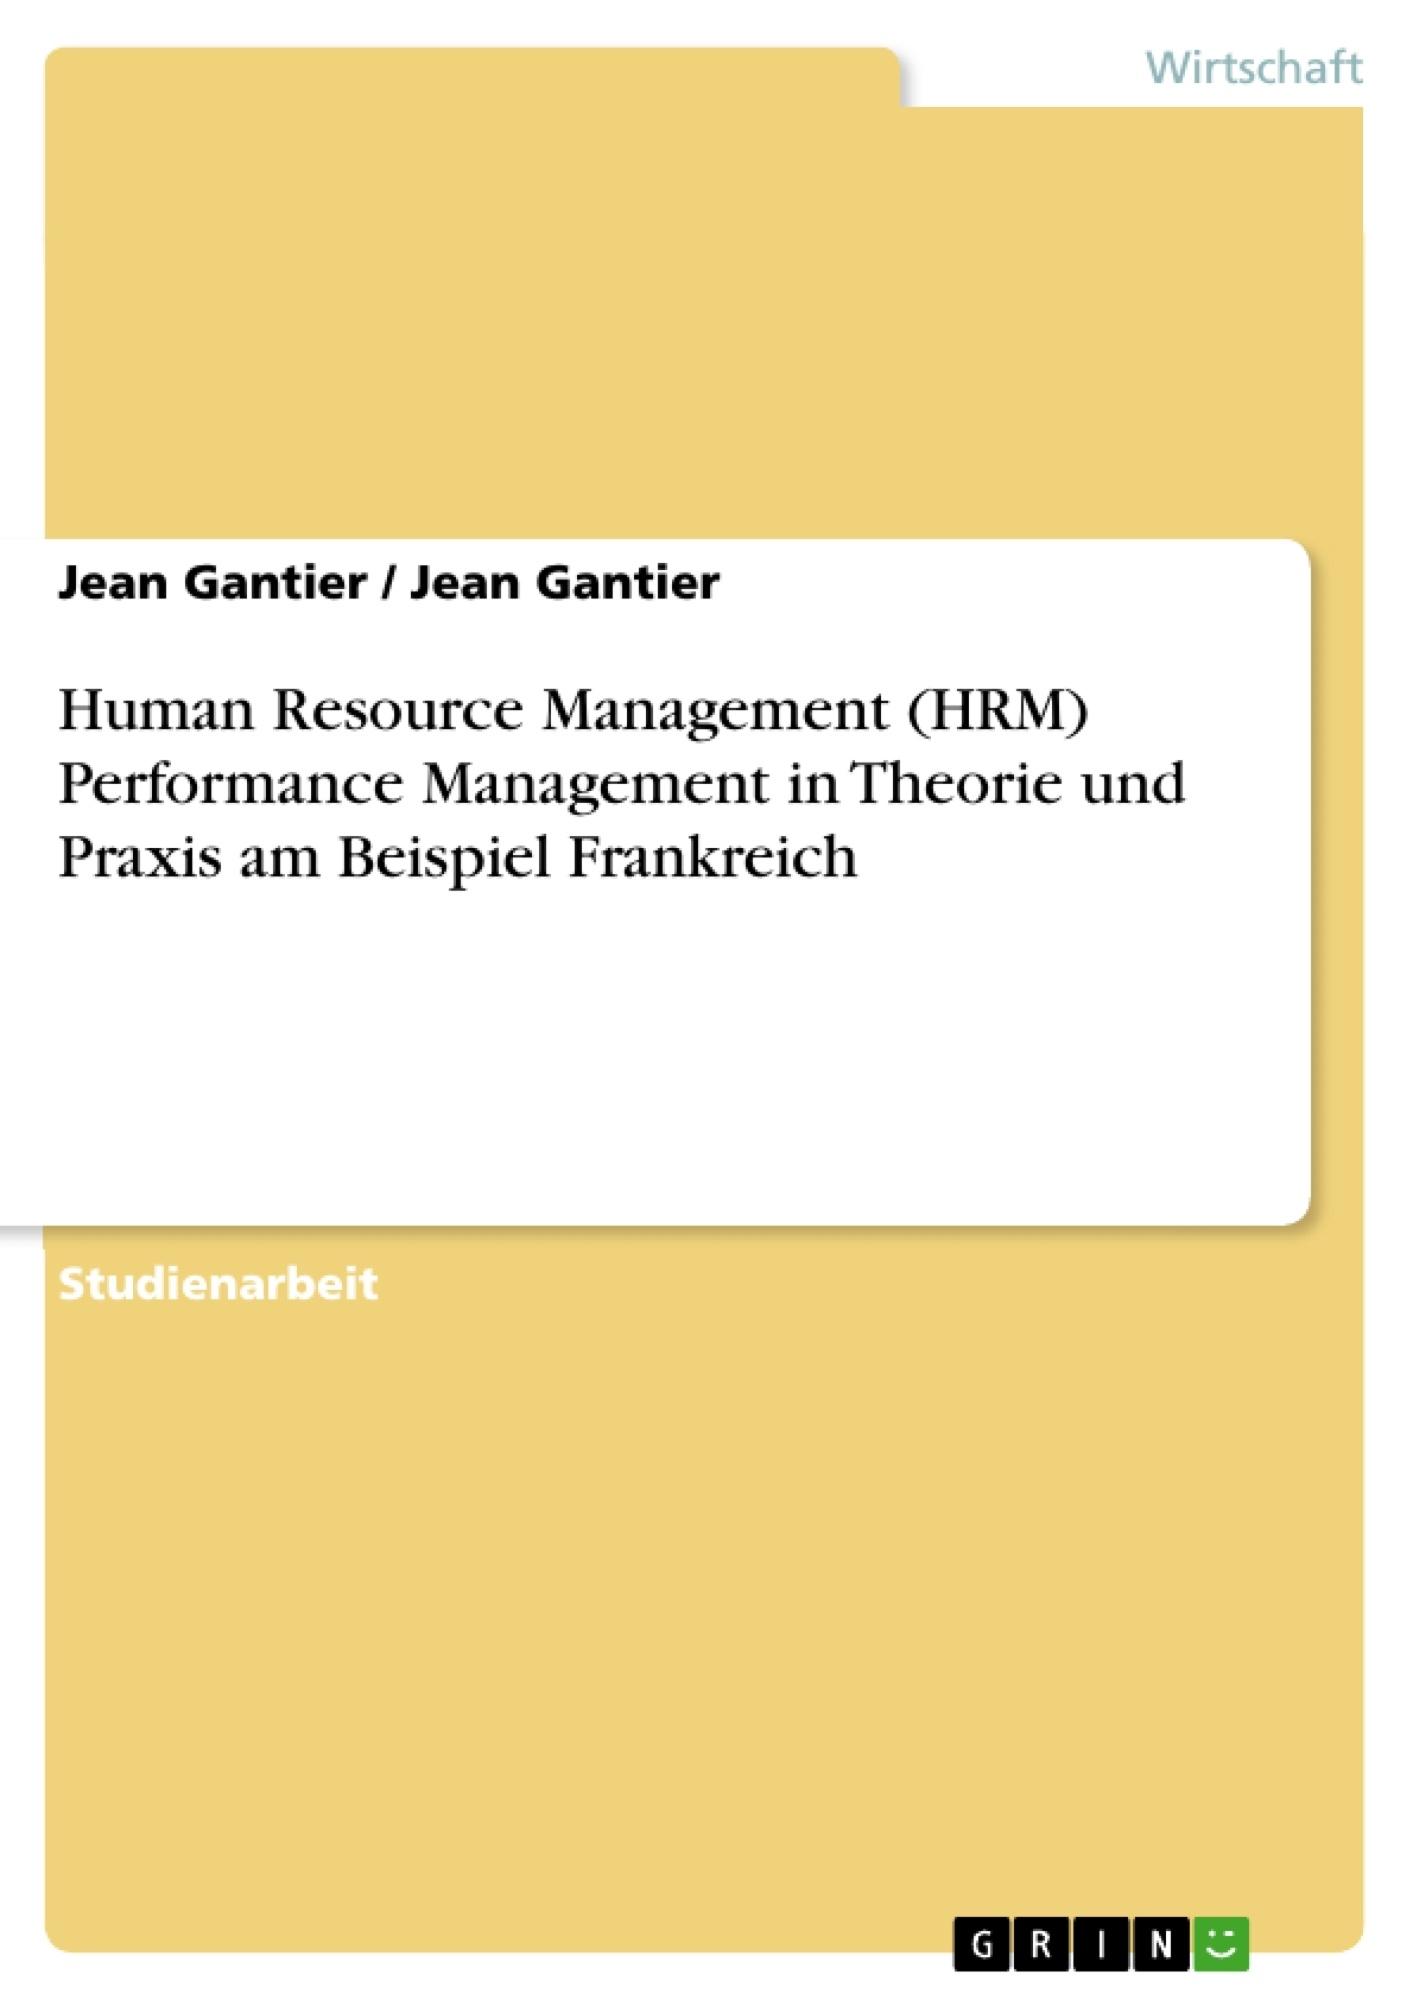 Titel: Human Resource Management (HRM) Performance Management in Theorie und Praxis am Beispiel Frankreich